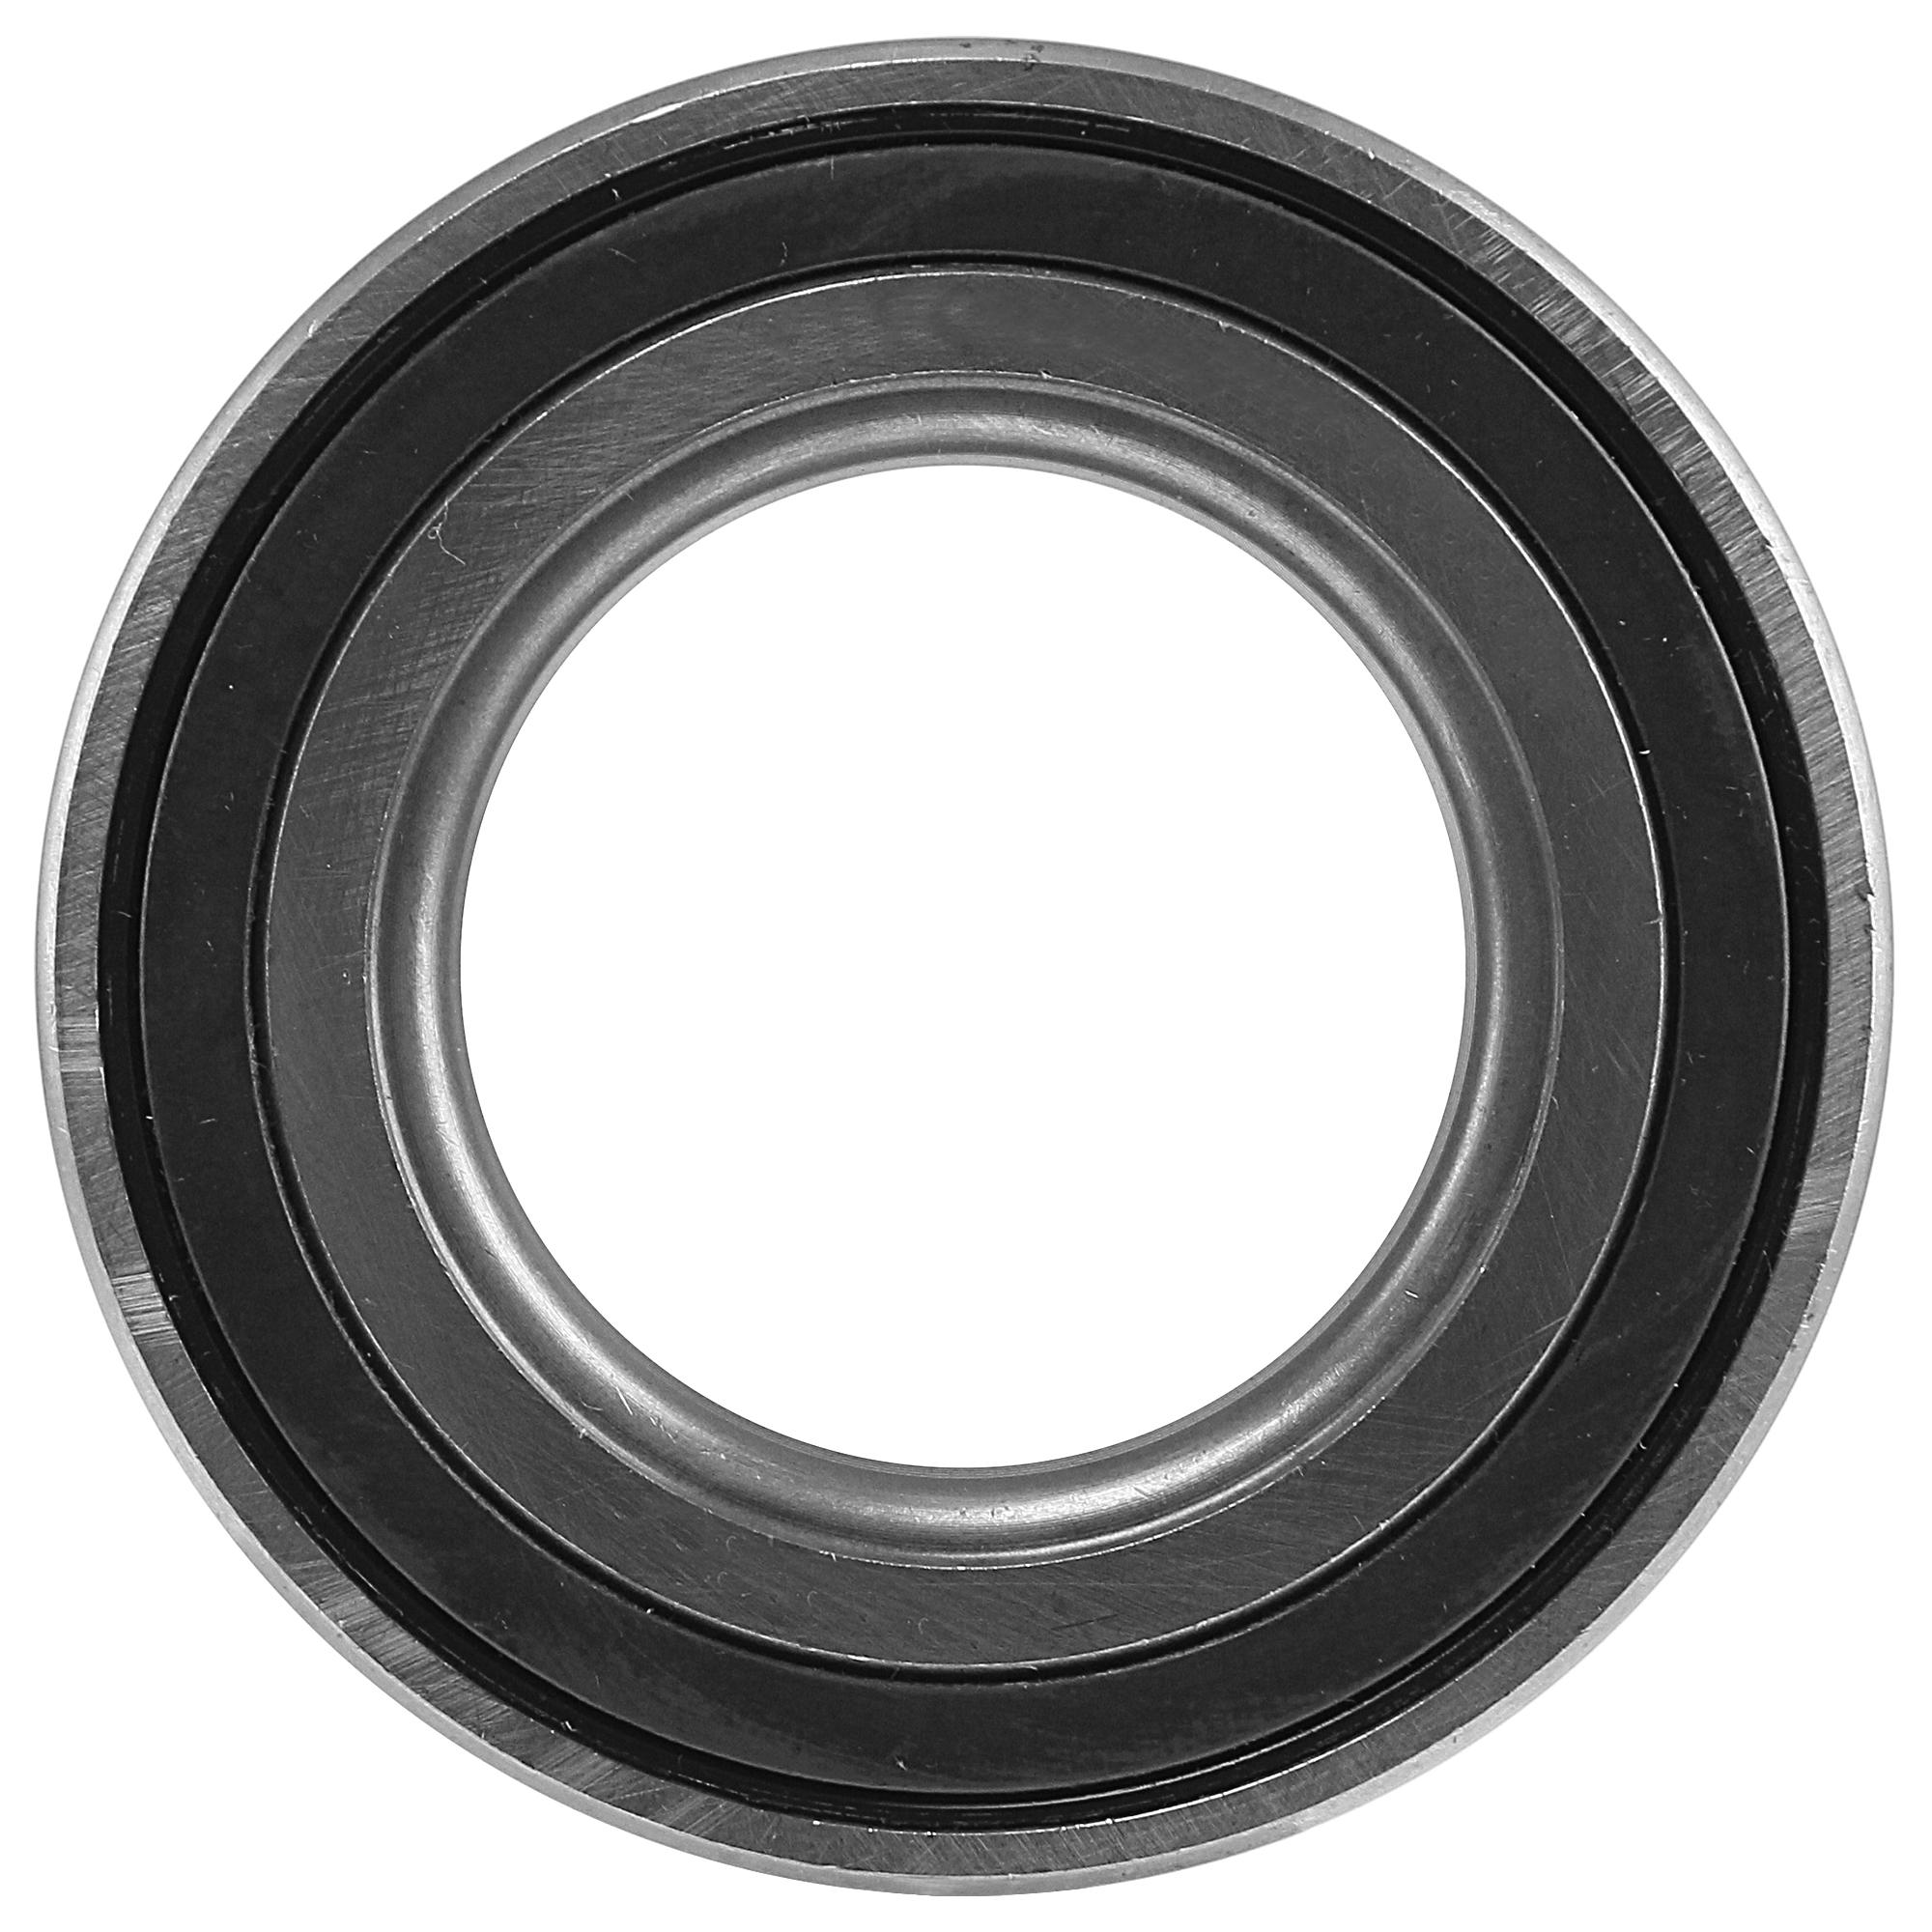 بلبرينگ چرخ جلو جي تي مدل DAC ABS مناسب براي ام وي ام 110S